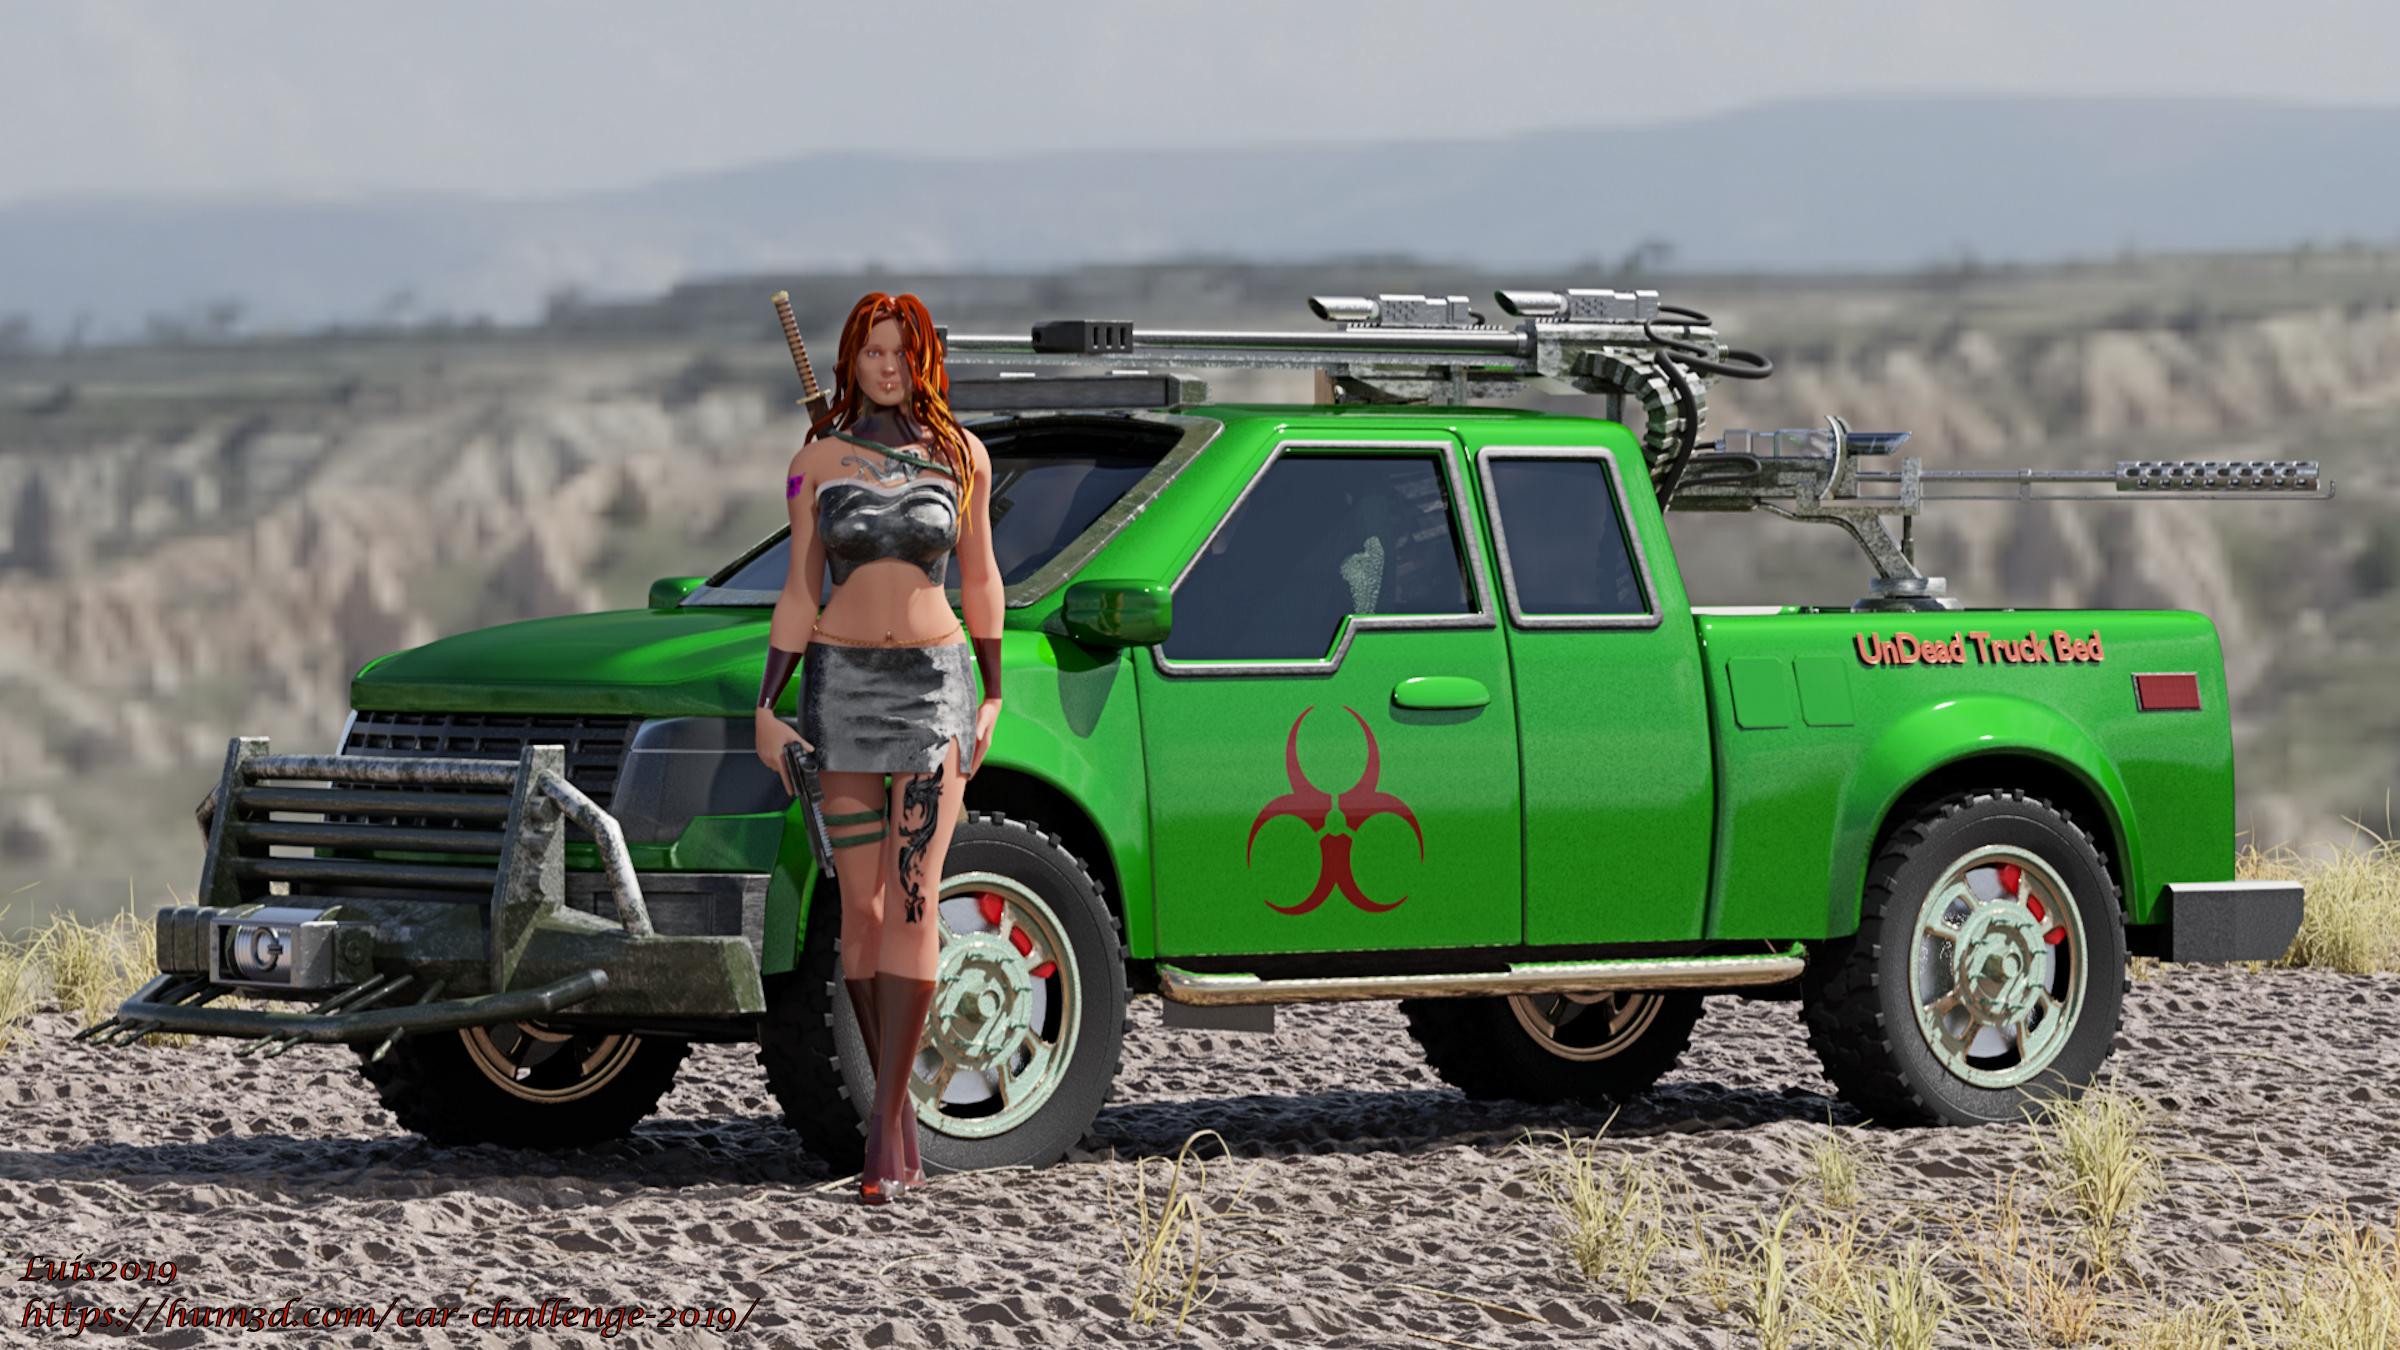 Dystopian Zombie Truck Chic 3d art